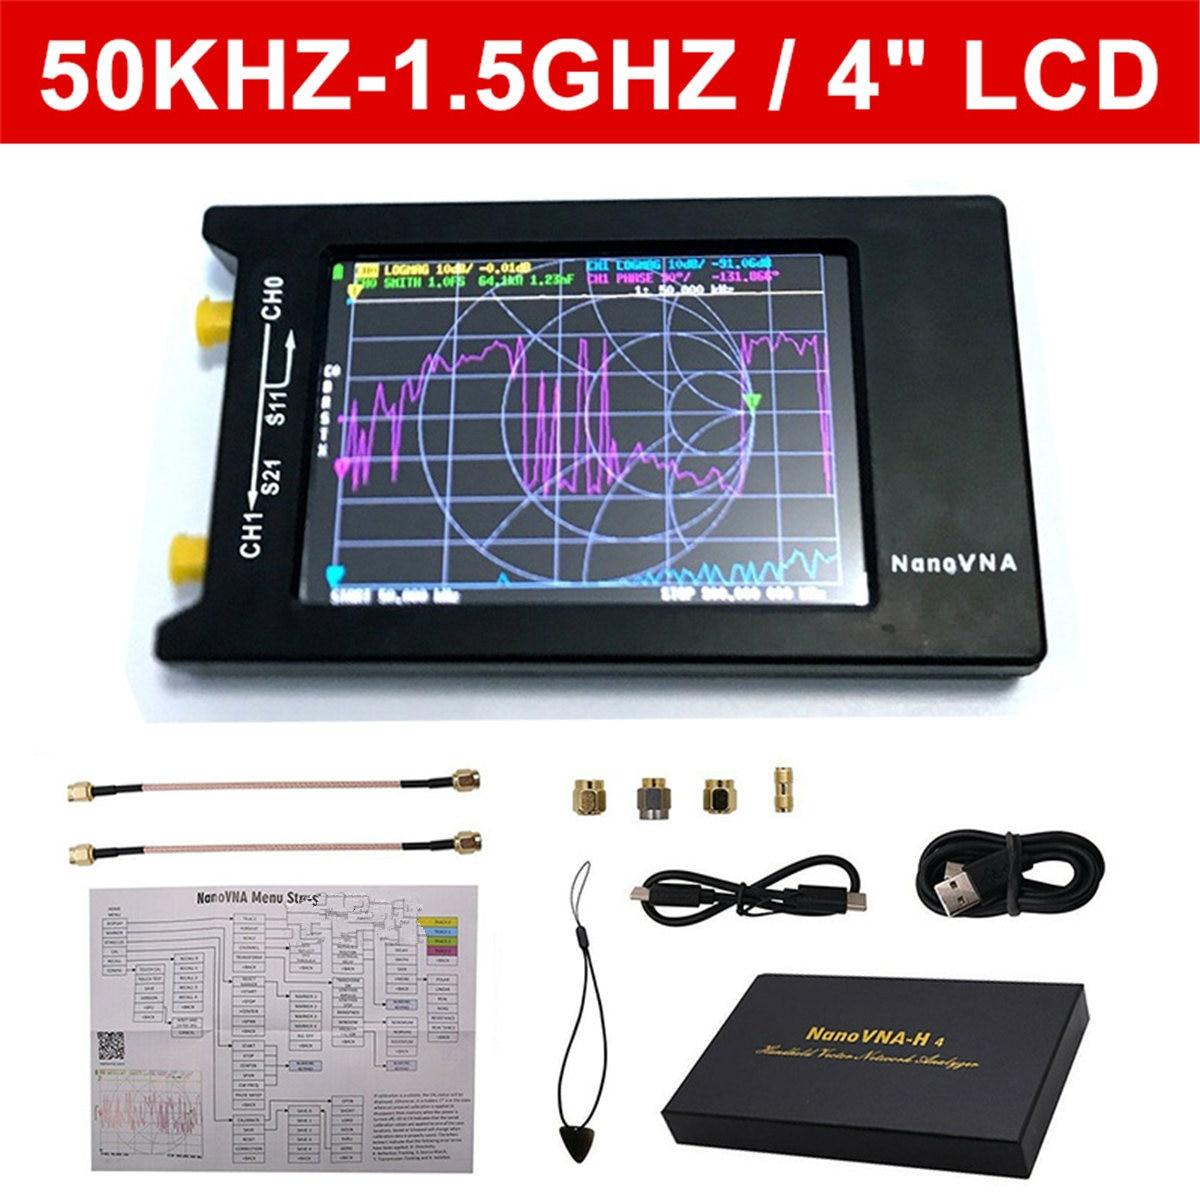 สำหรับ NanoVNA-H4 4 นิ้ว LCD 50 KHz-1.5 GHz HF VHF UHF UV Vector Network Analyzer เครื่องวิเคราะห์เสาอากาศ Built -แบตเตอรี่